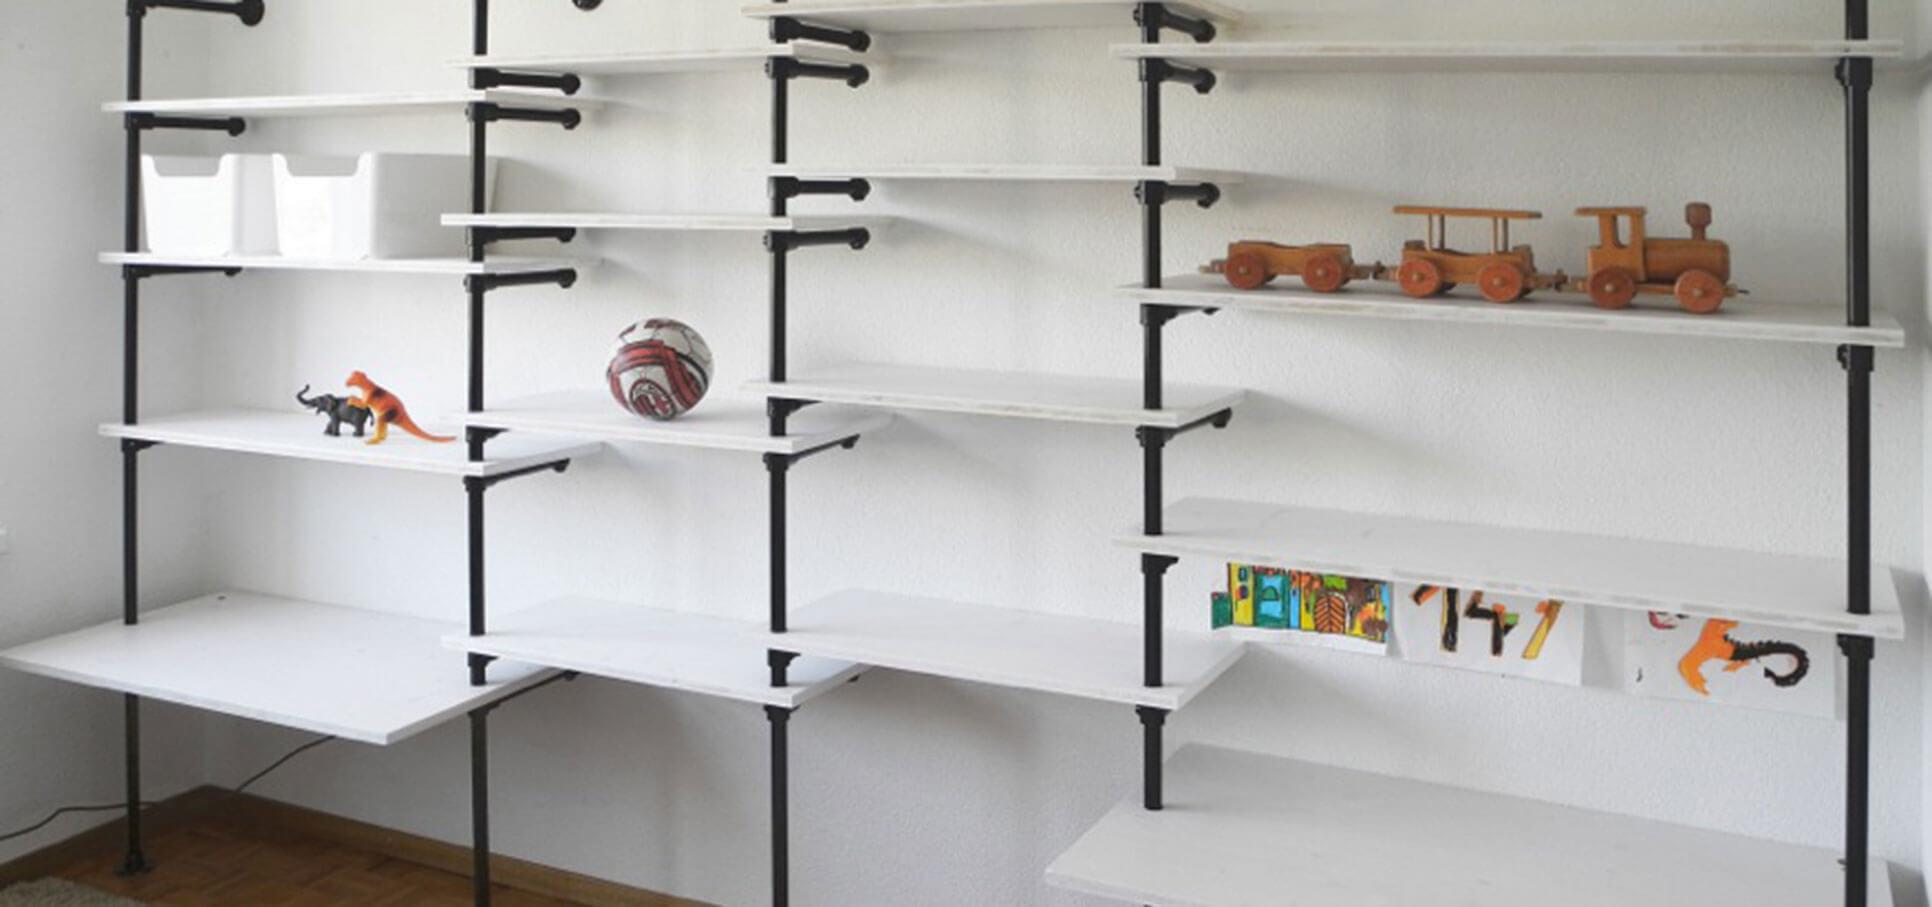 3-ladenbau-einrichtung-store-concept-konzept-interieur-design-rohrfabrik-moebel-kleiderstaender-kleider-zimmer-rohr-gestell-regal.jpg